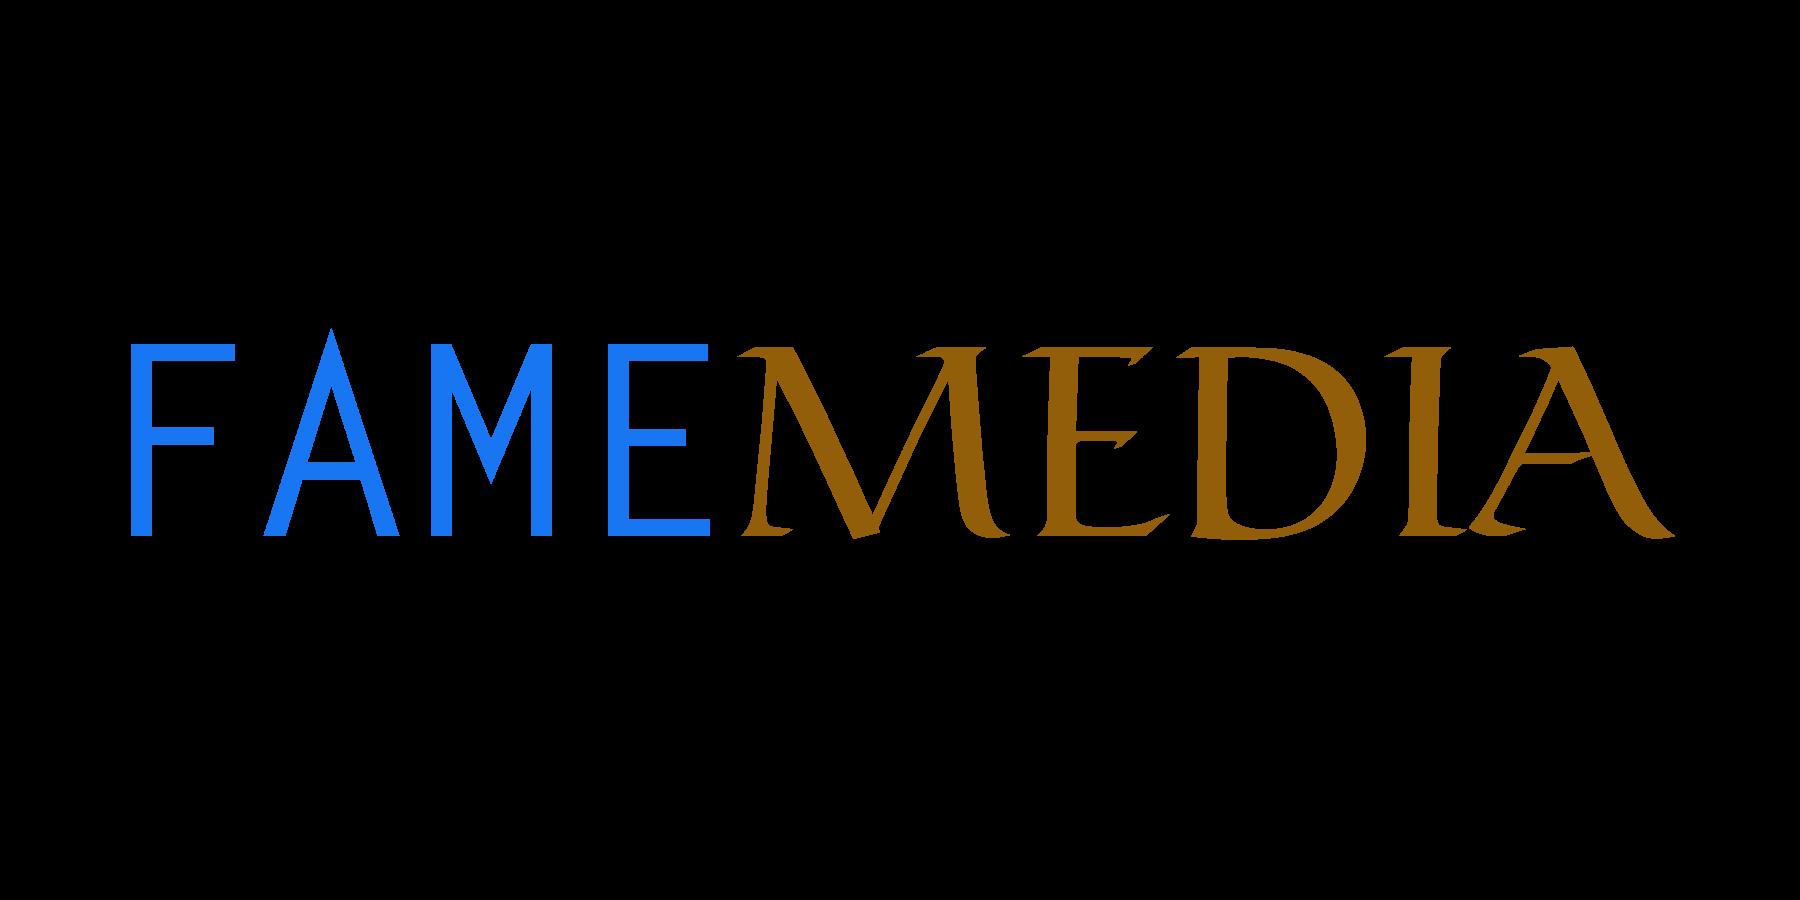 Liên hệ Fame Media để được tư vấn dịch vụ Seo 24/7